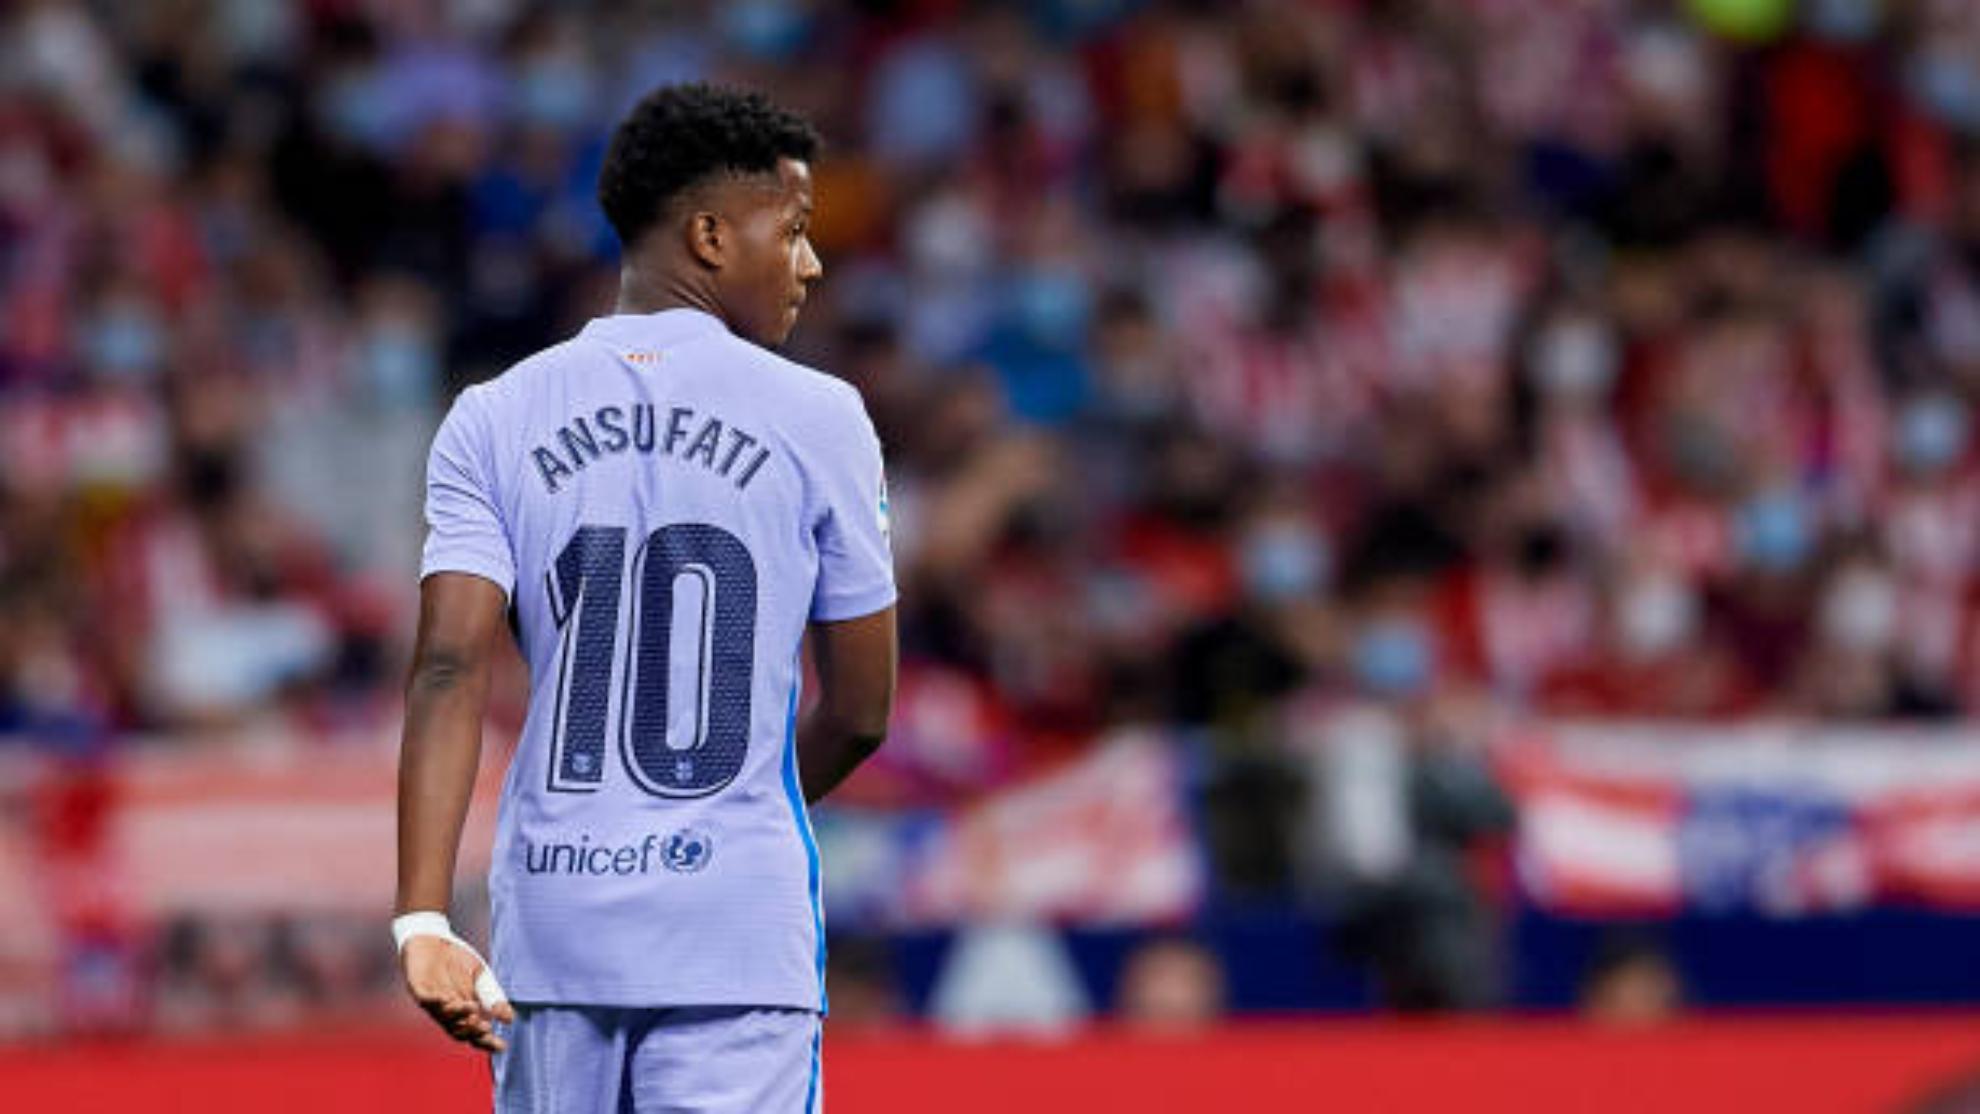 Ansu Fati en el partido contra el Atlético de Madrid